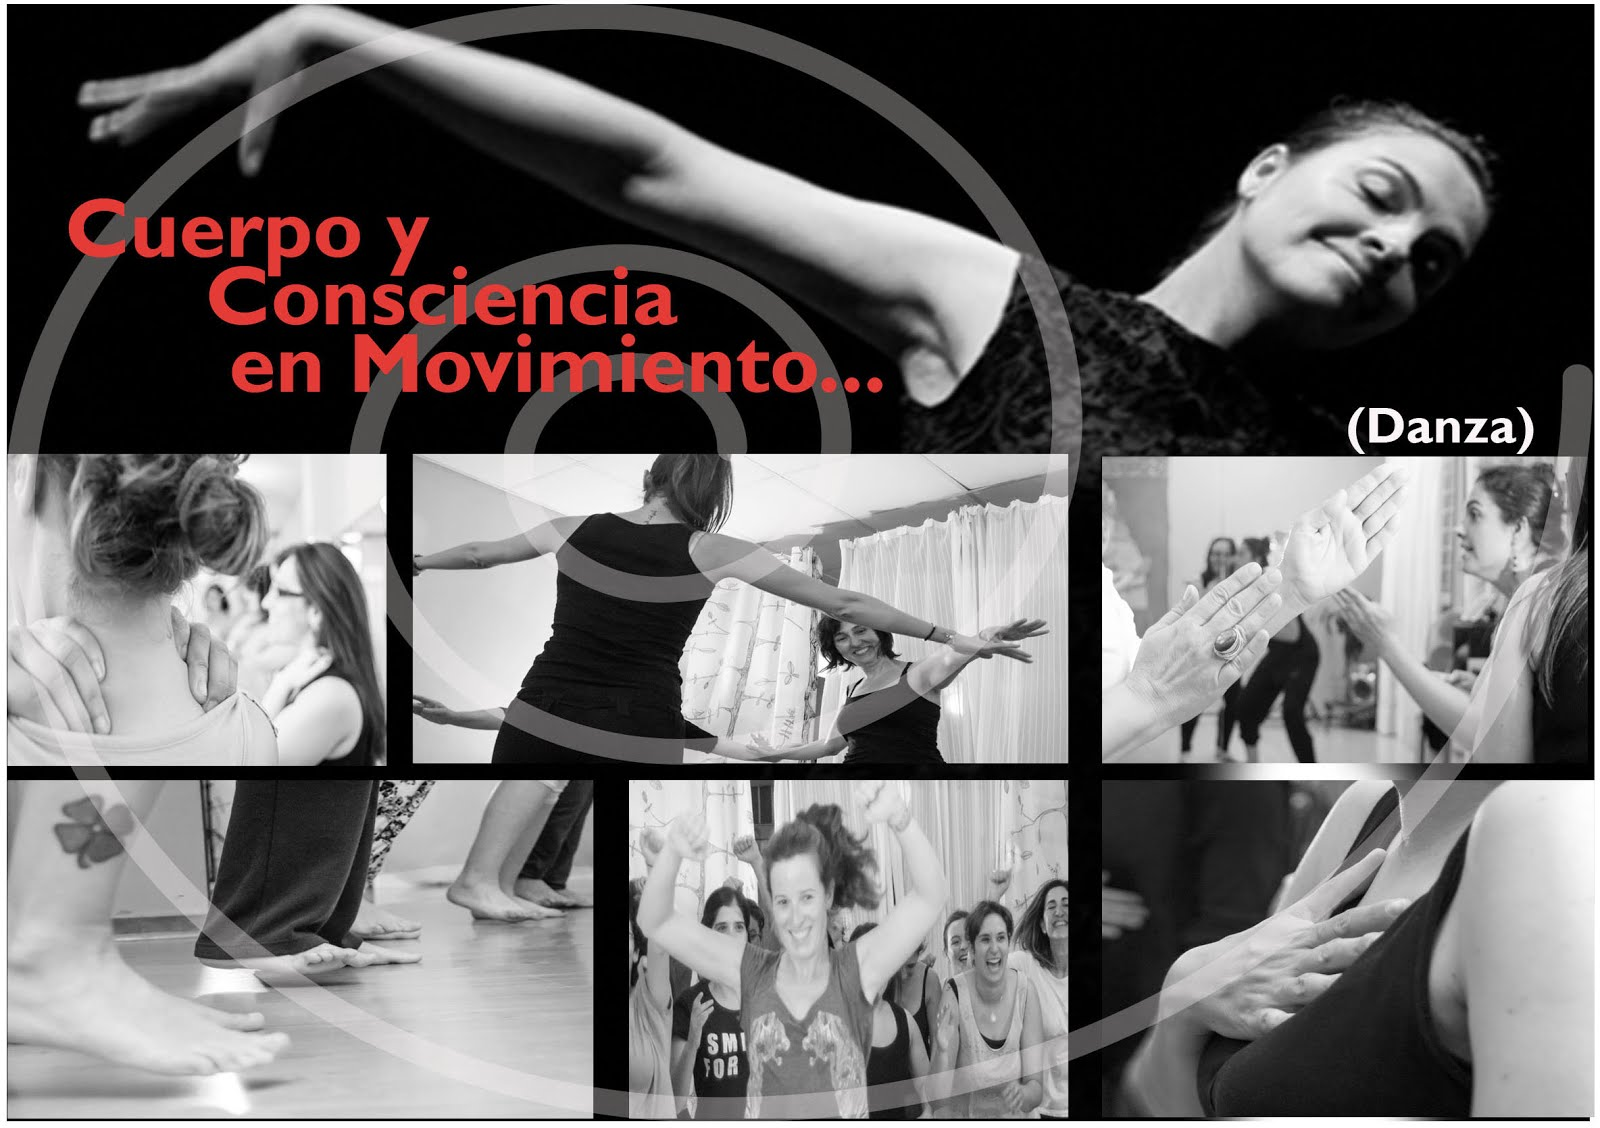 Cuerpo y Consciencia en Movimiento (DANZA)